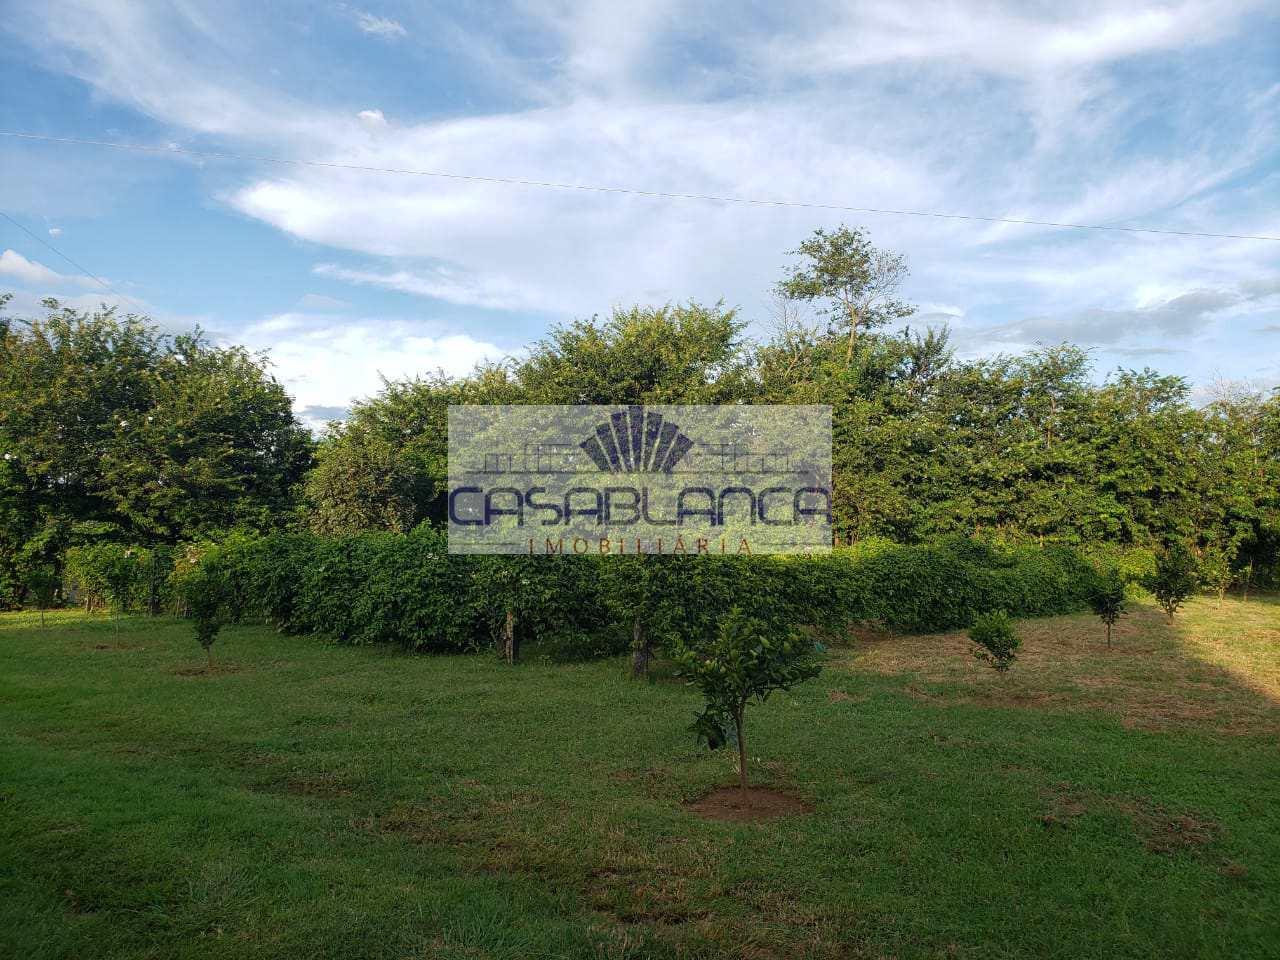 Chácara, Rural, Poxoréu - R$ 1.2 mi, Cod: 610